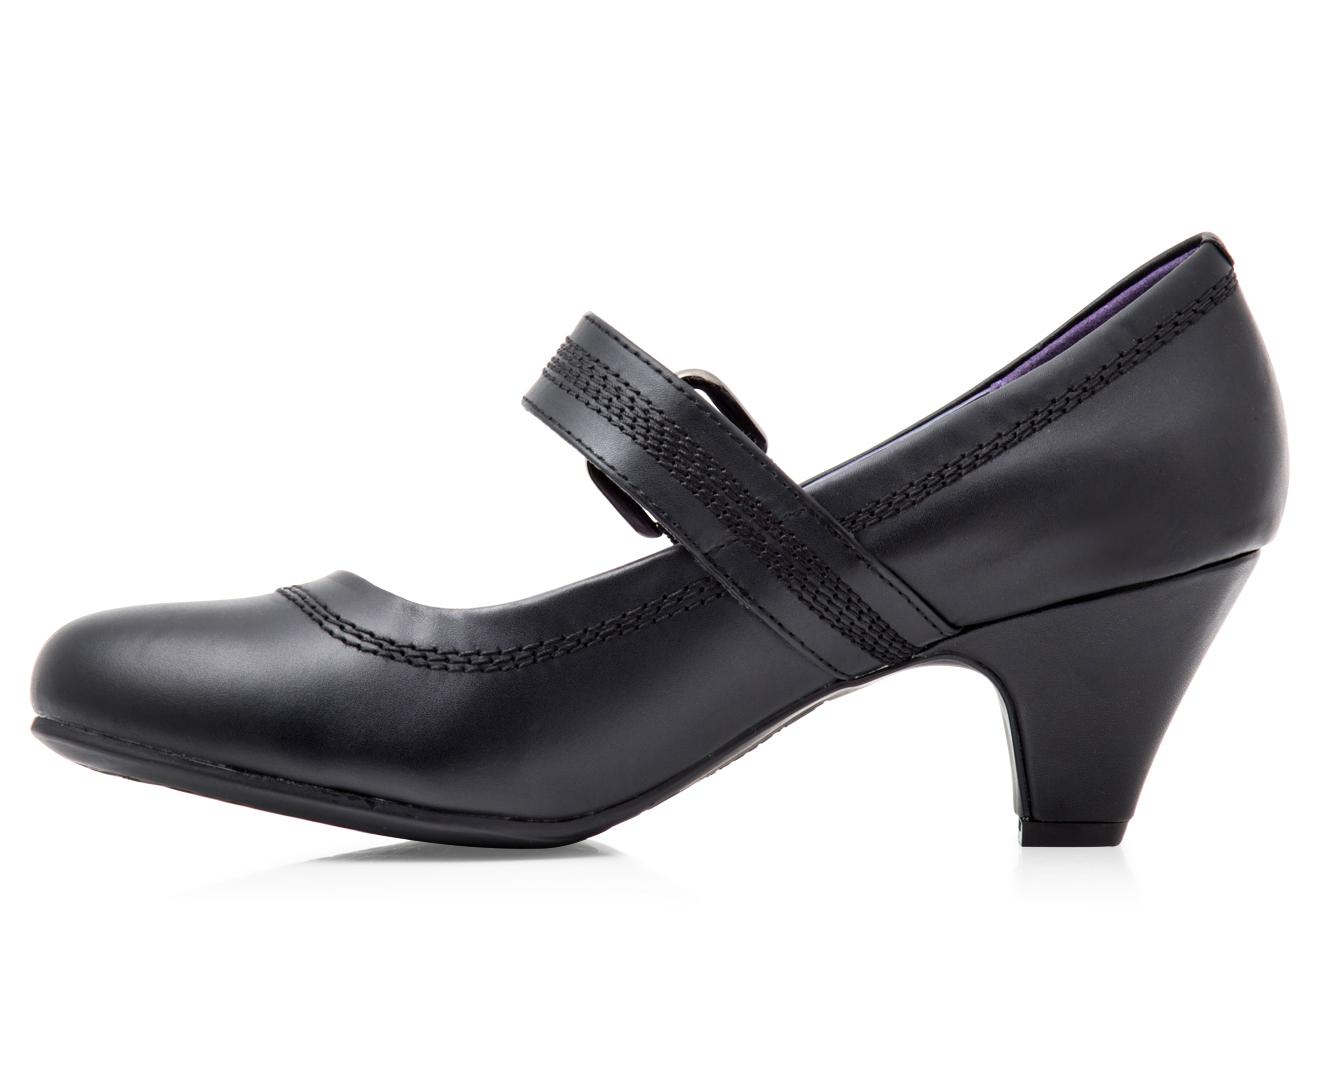 Grosby Women's Mary Jane 2 Shoe - Black